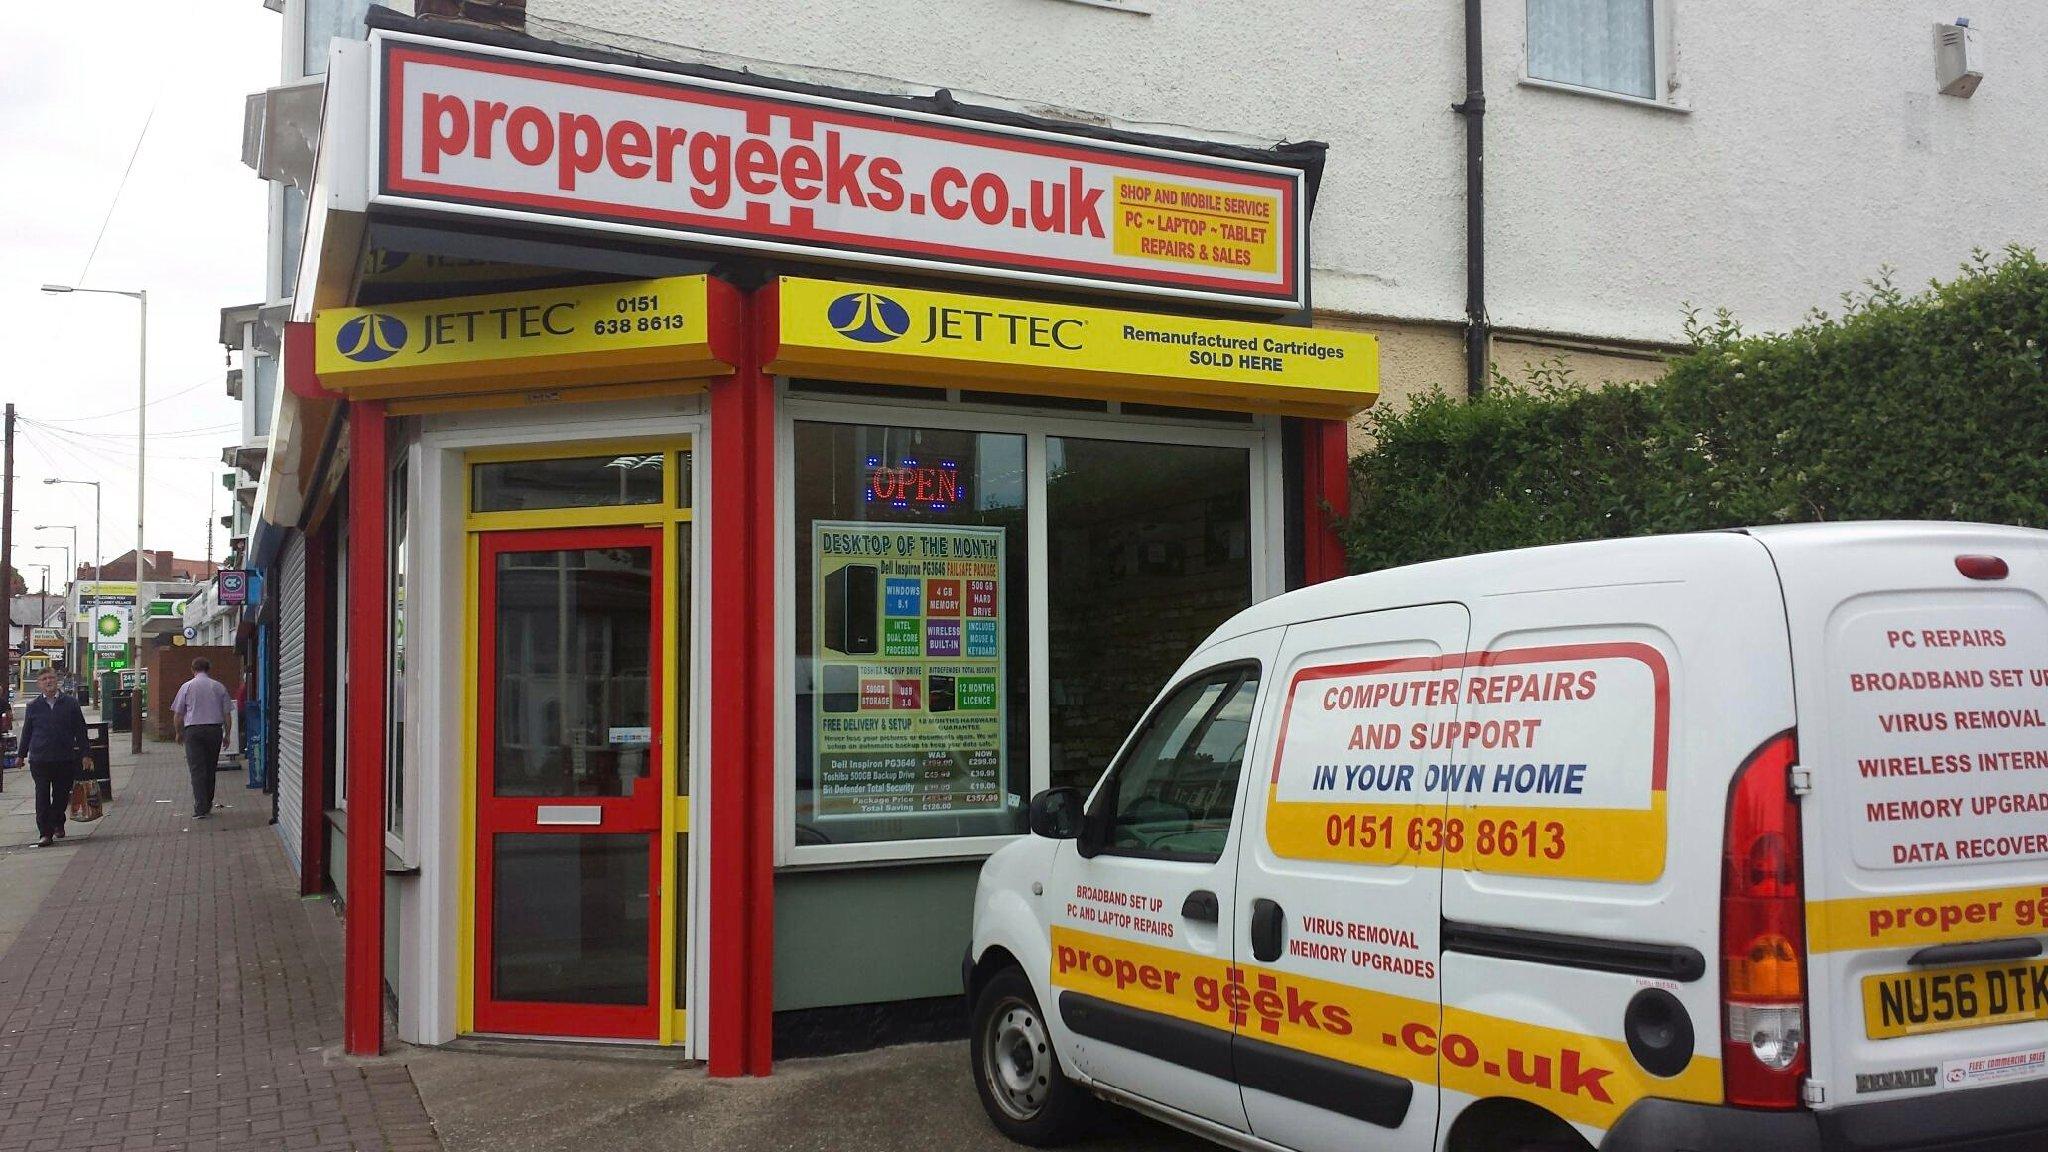 Propergeeks Ltd